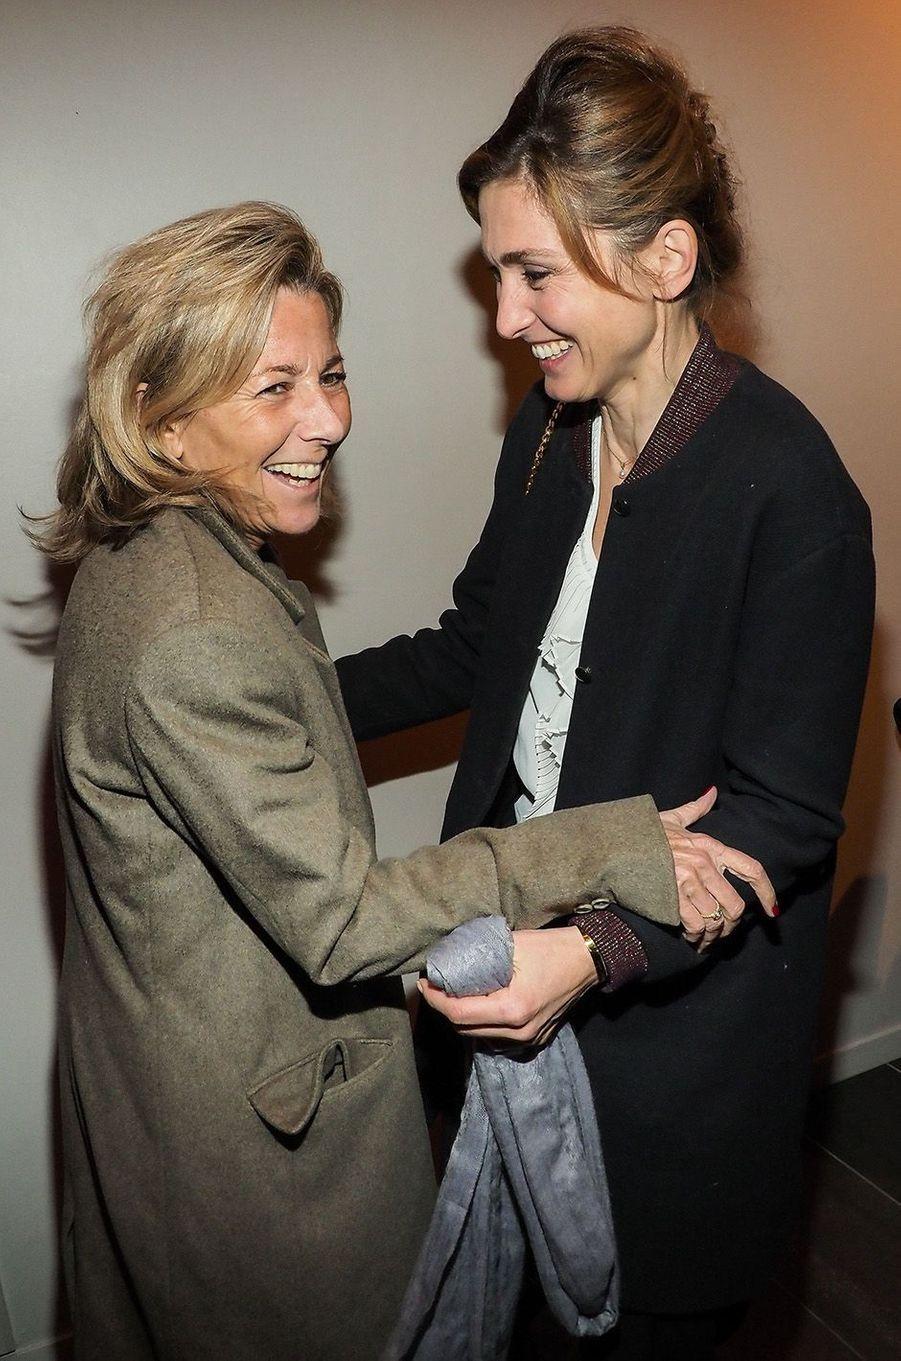 Julie Gayet et Claire Chazal au MK2 Bibliothèque, à Paris, le 26 janvier 2018.